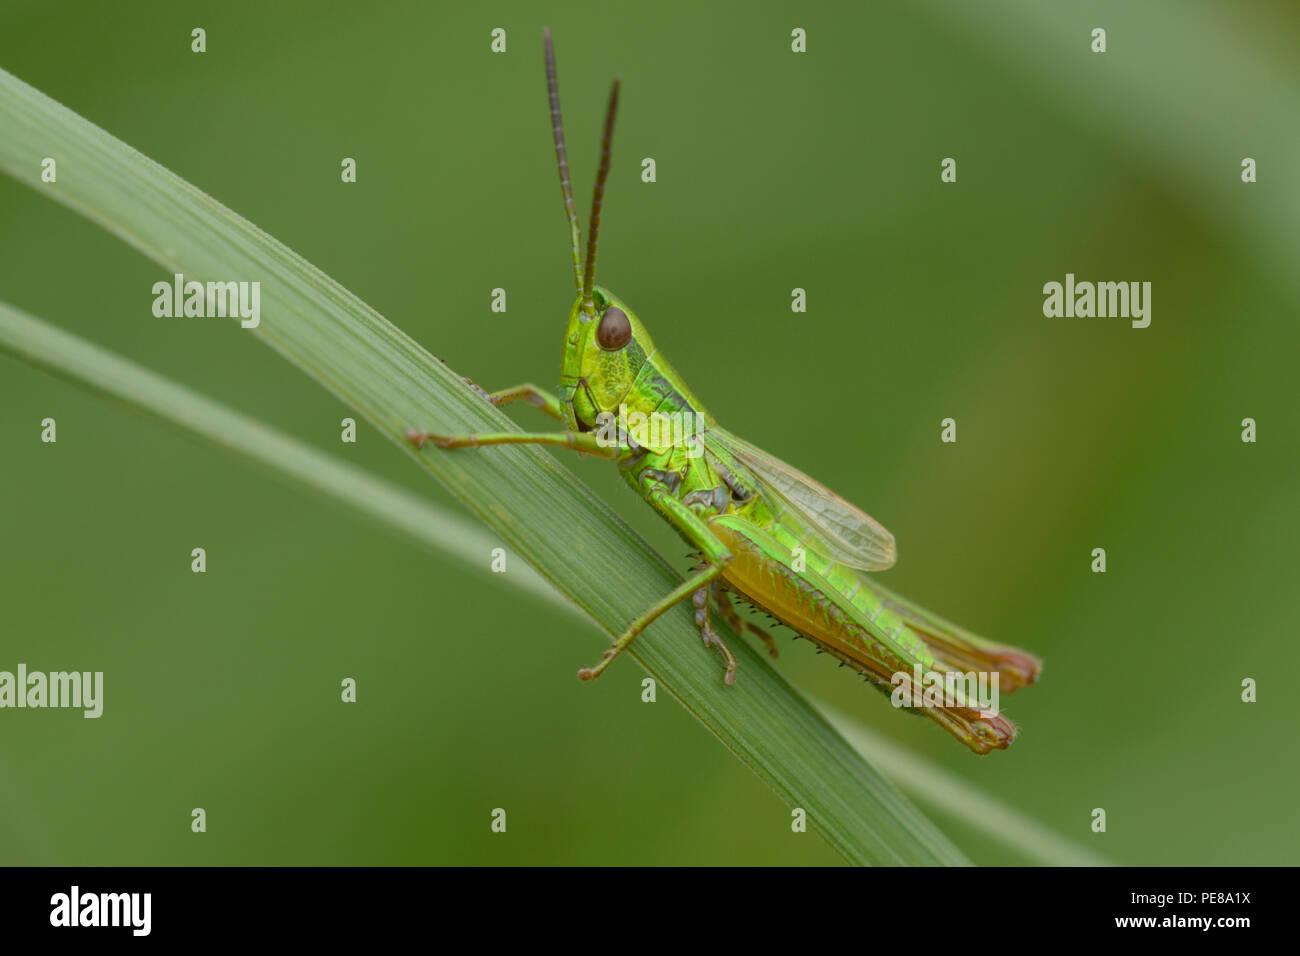 Grüne Heuschrecke sitzt auf einem Gras Stammzellen vor einem unscharfen Hintergrund. Firma Lugi, Karpaten, Ukraine, Juni, 2018 Stockbild